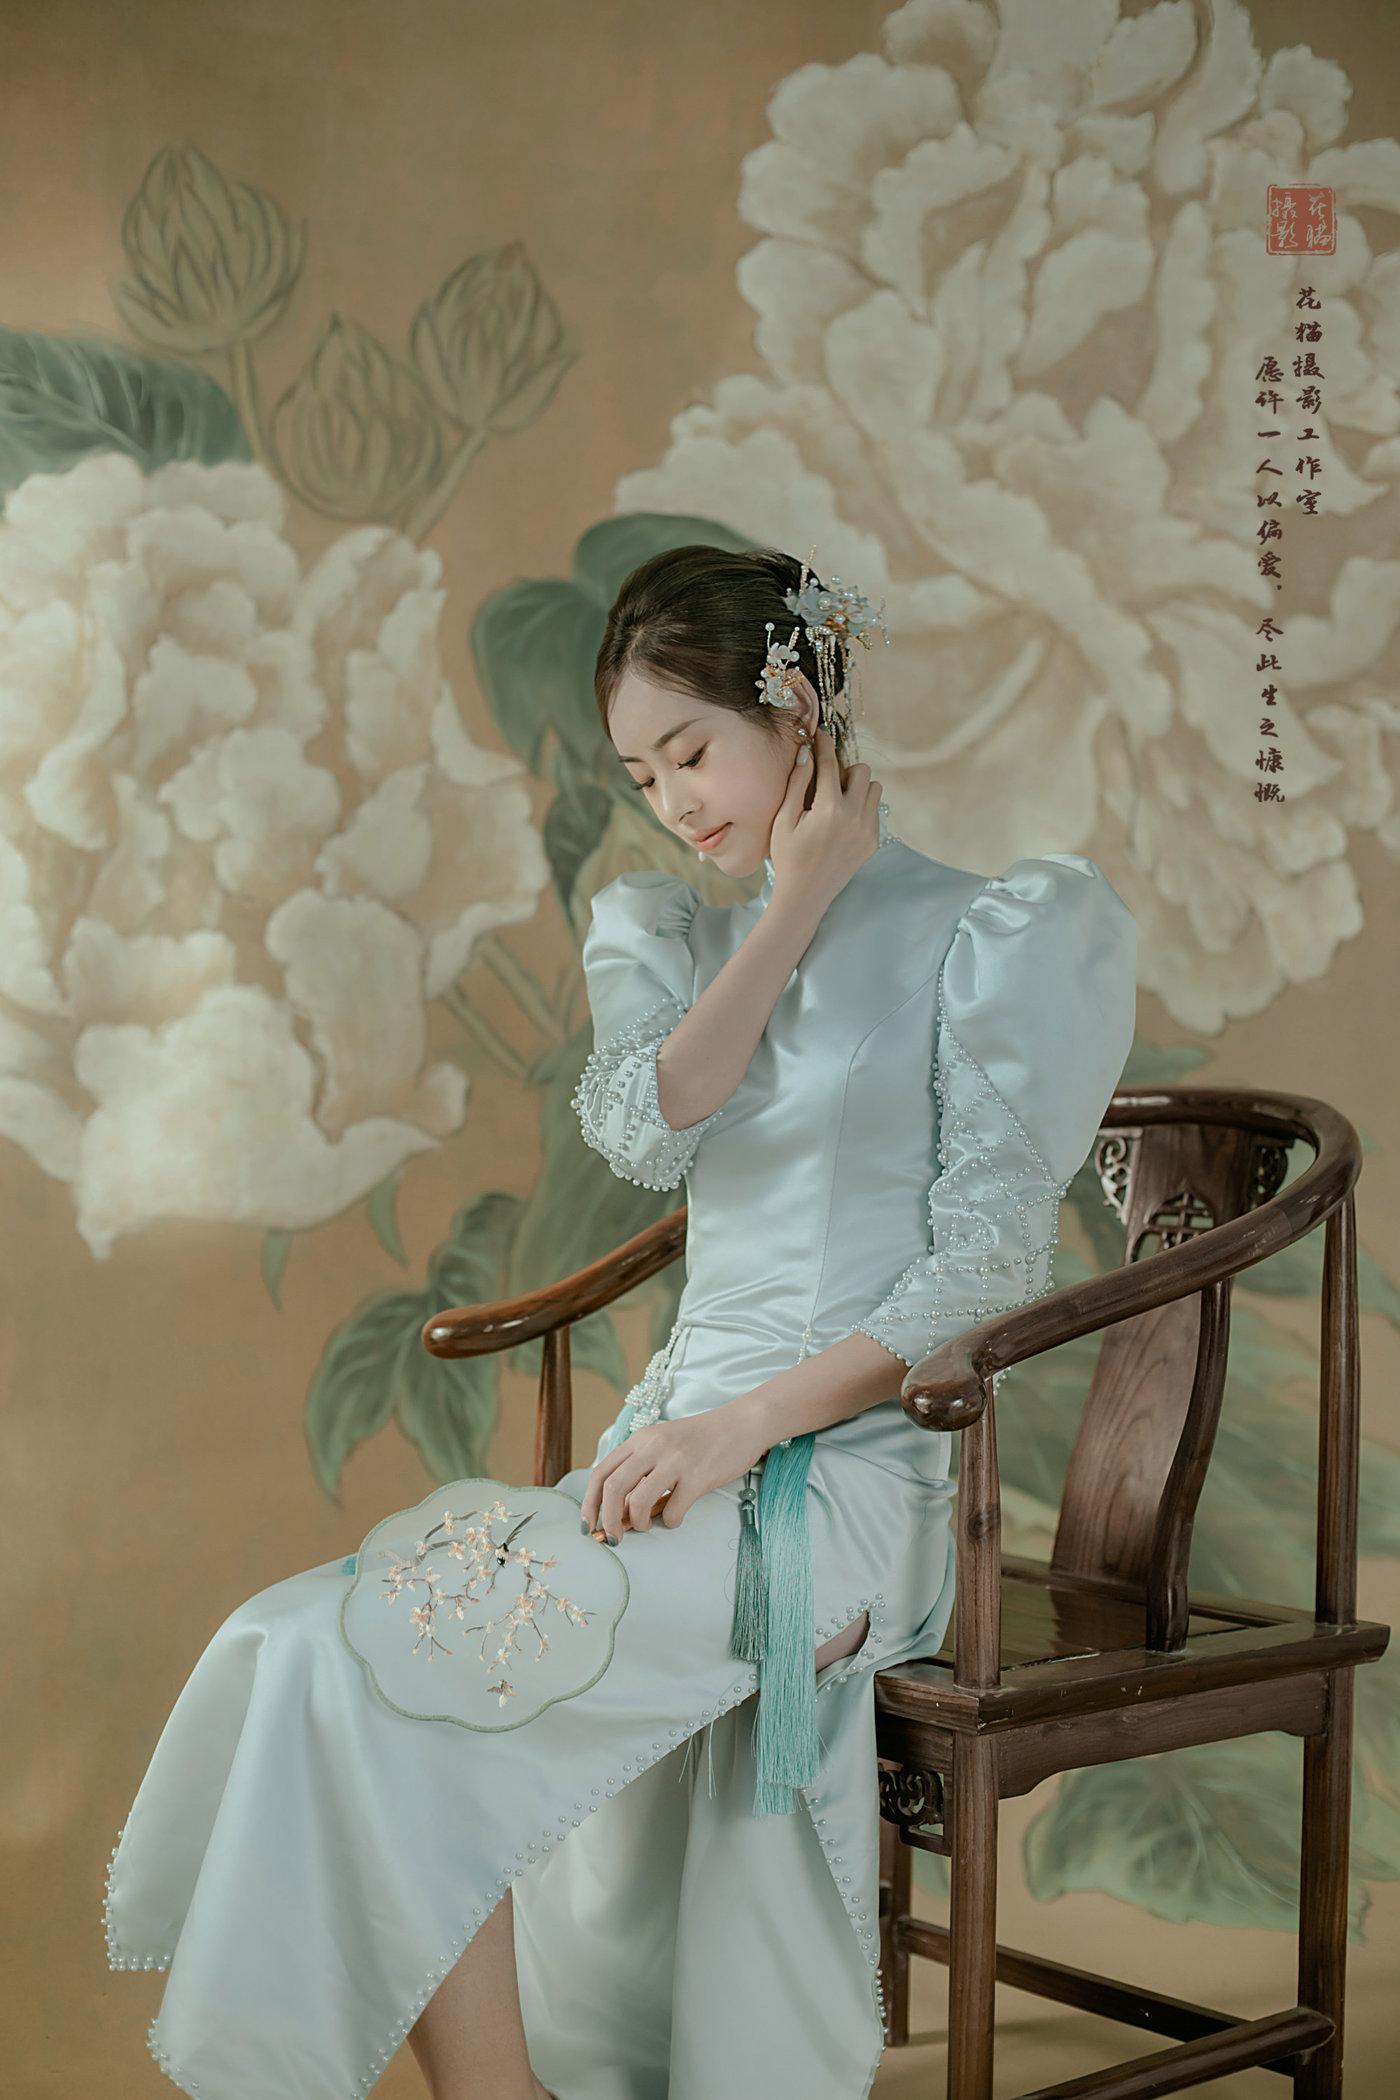 小家碧玉温婉情韵,一见倾心中式美学13